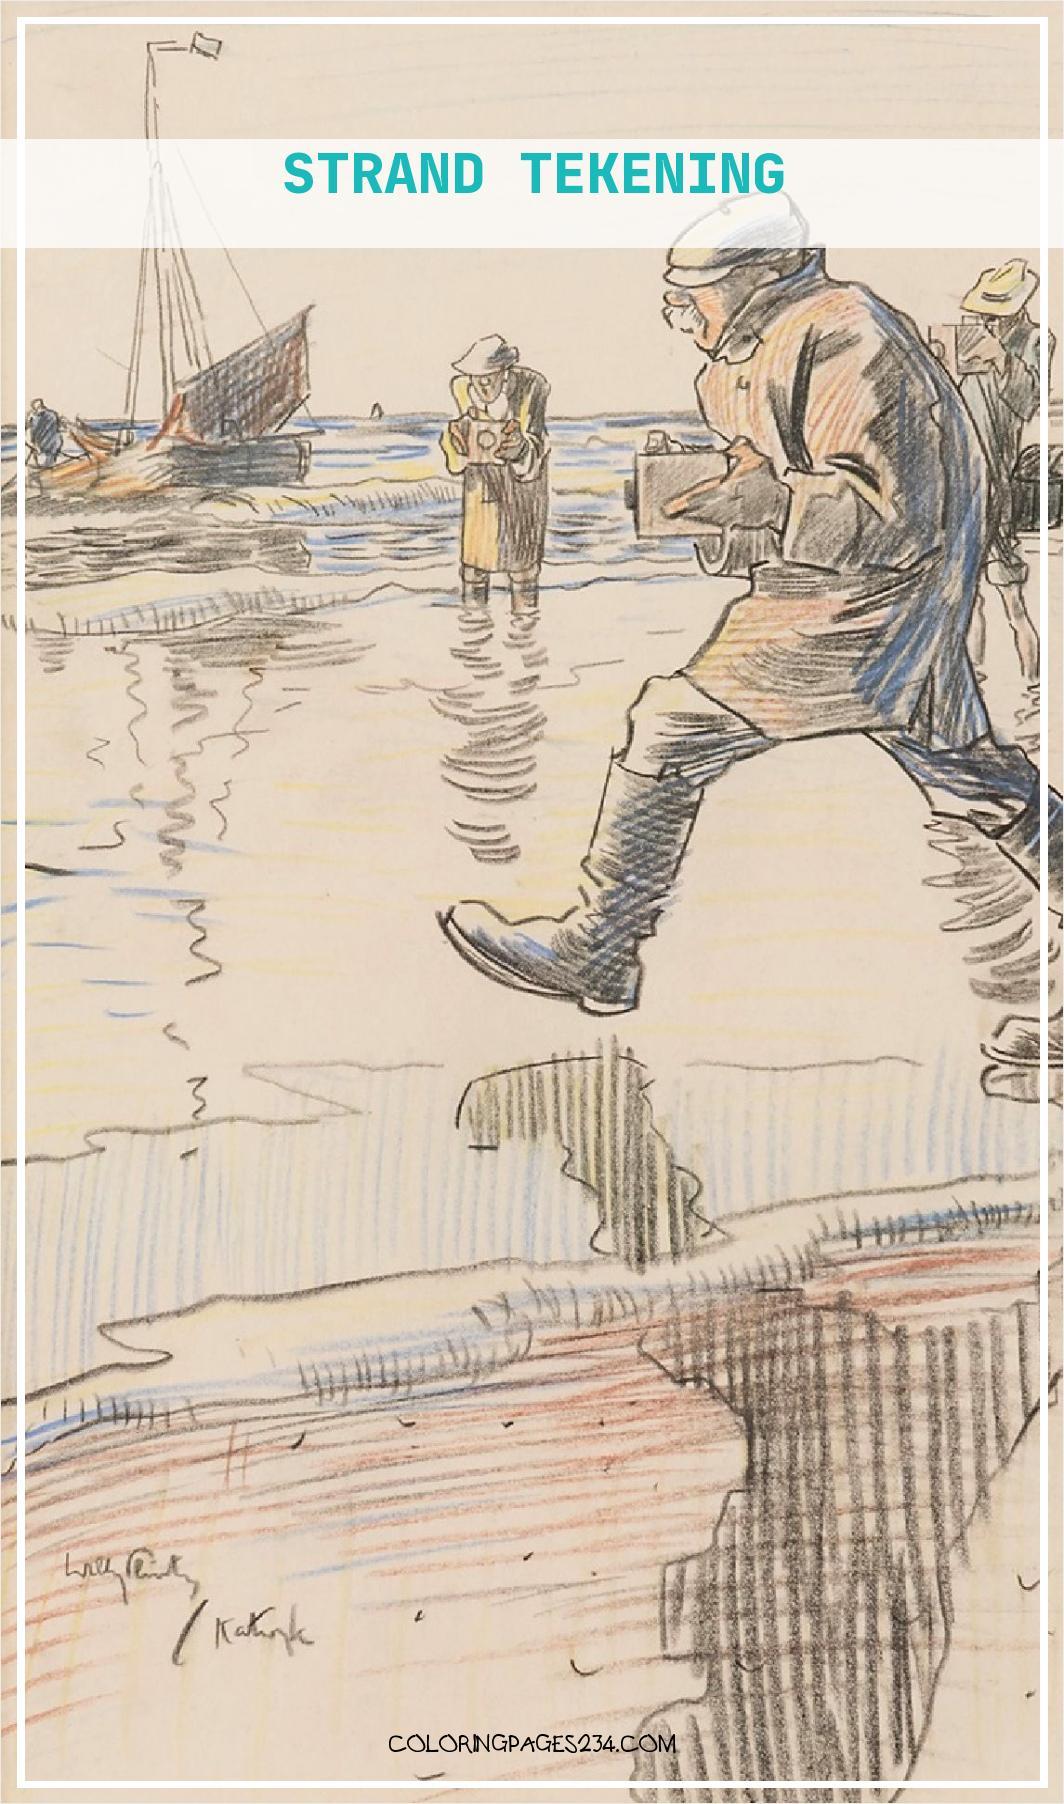 Zxntai 75454 Uef8kjeaxkwxuhouu Strand Tekening Willy Sluiter Aquarellen Te Koop 18041064